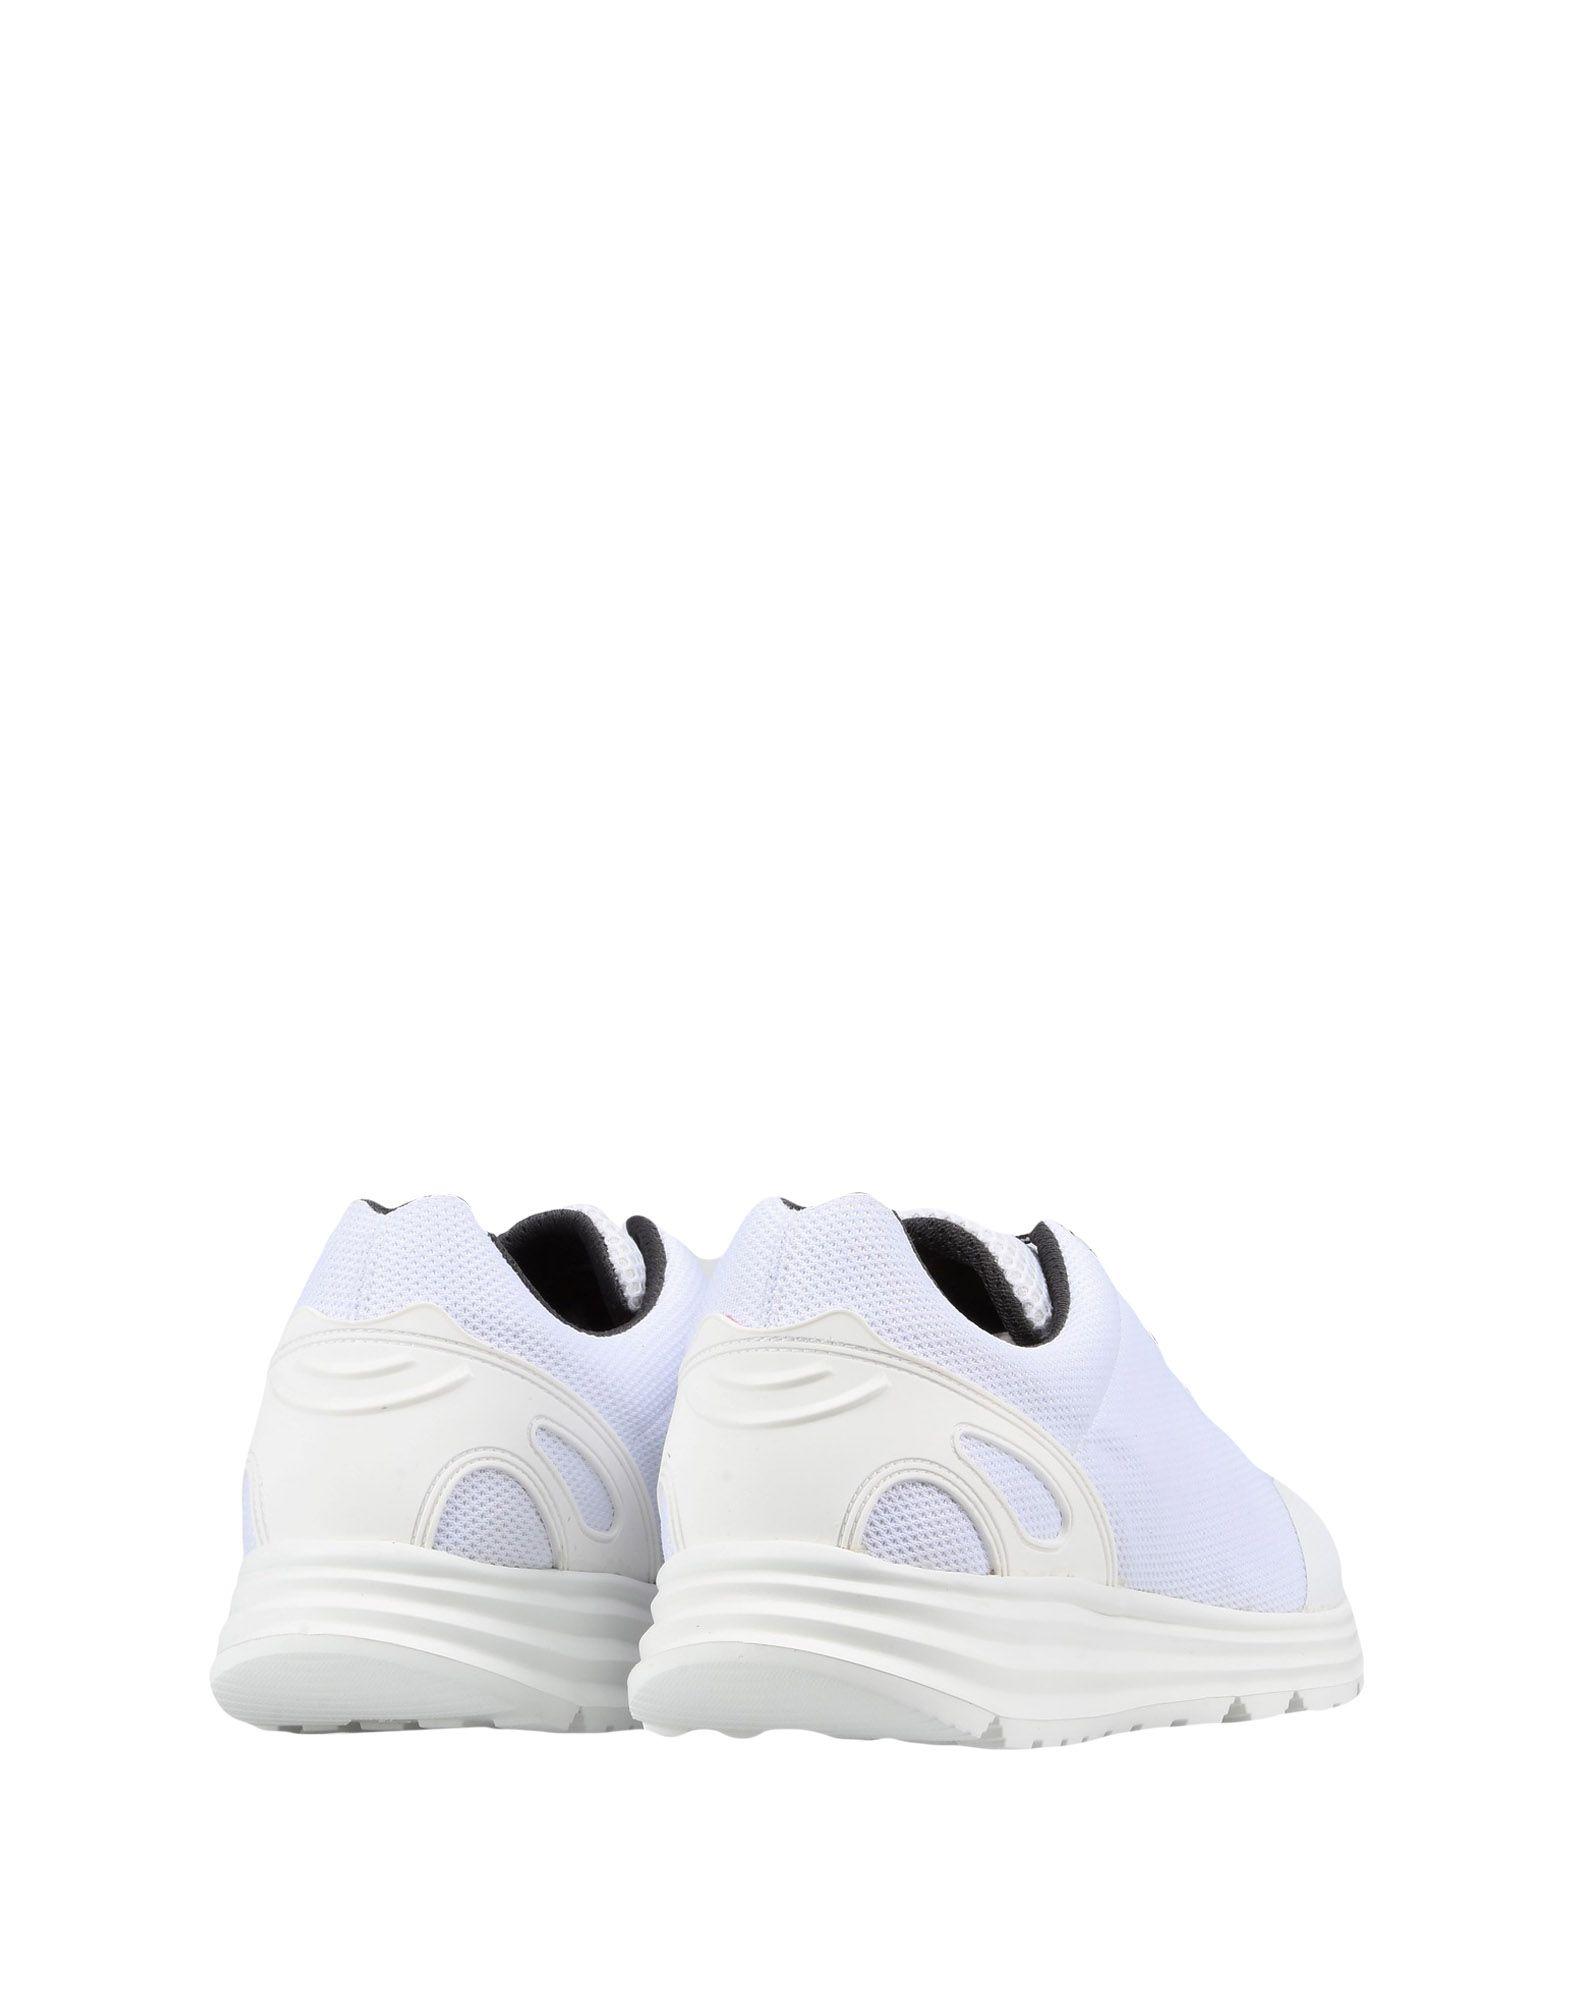 Rabatt Sneakers echte Schuhe Pierre Darré Sneakers Rabatt Herren  11228765BA 066f79